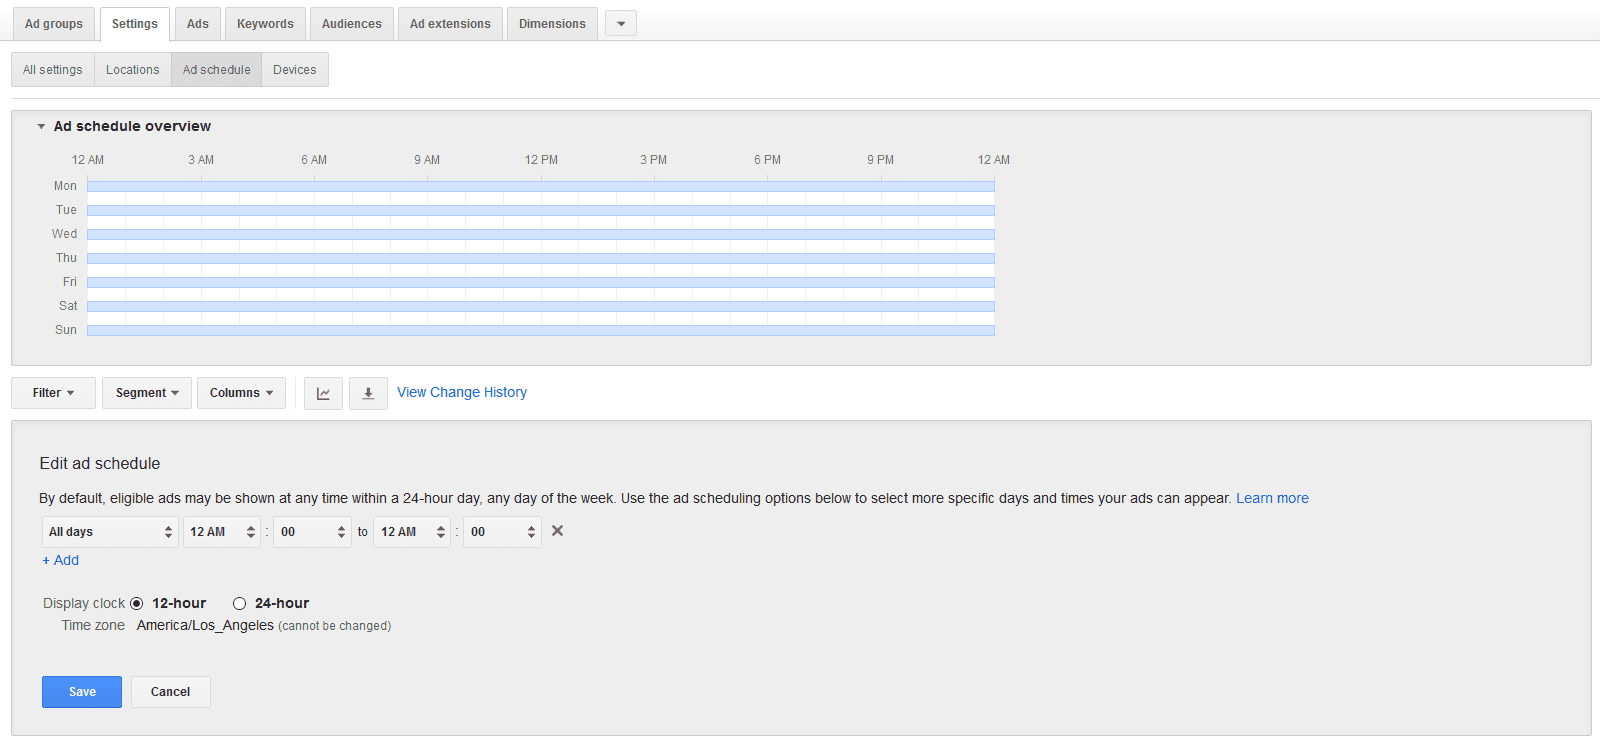 create_ad_schedule